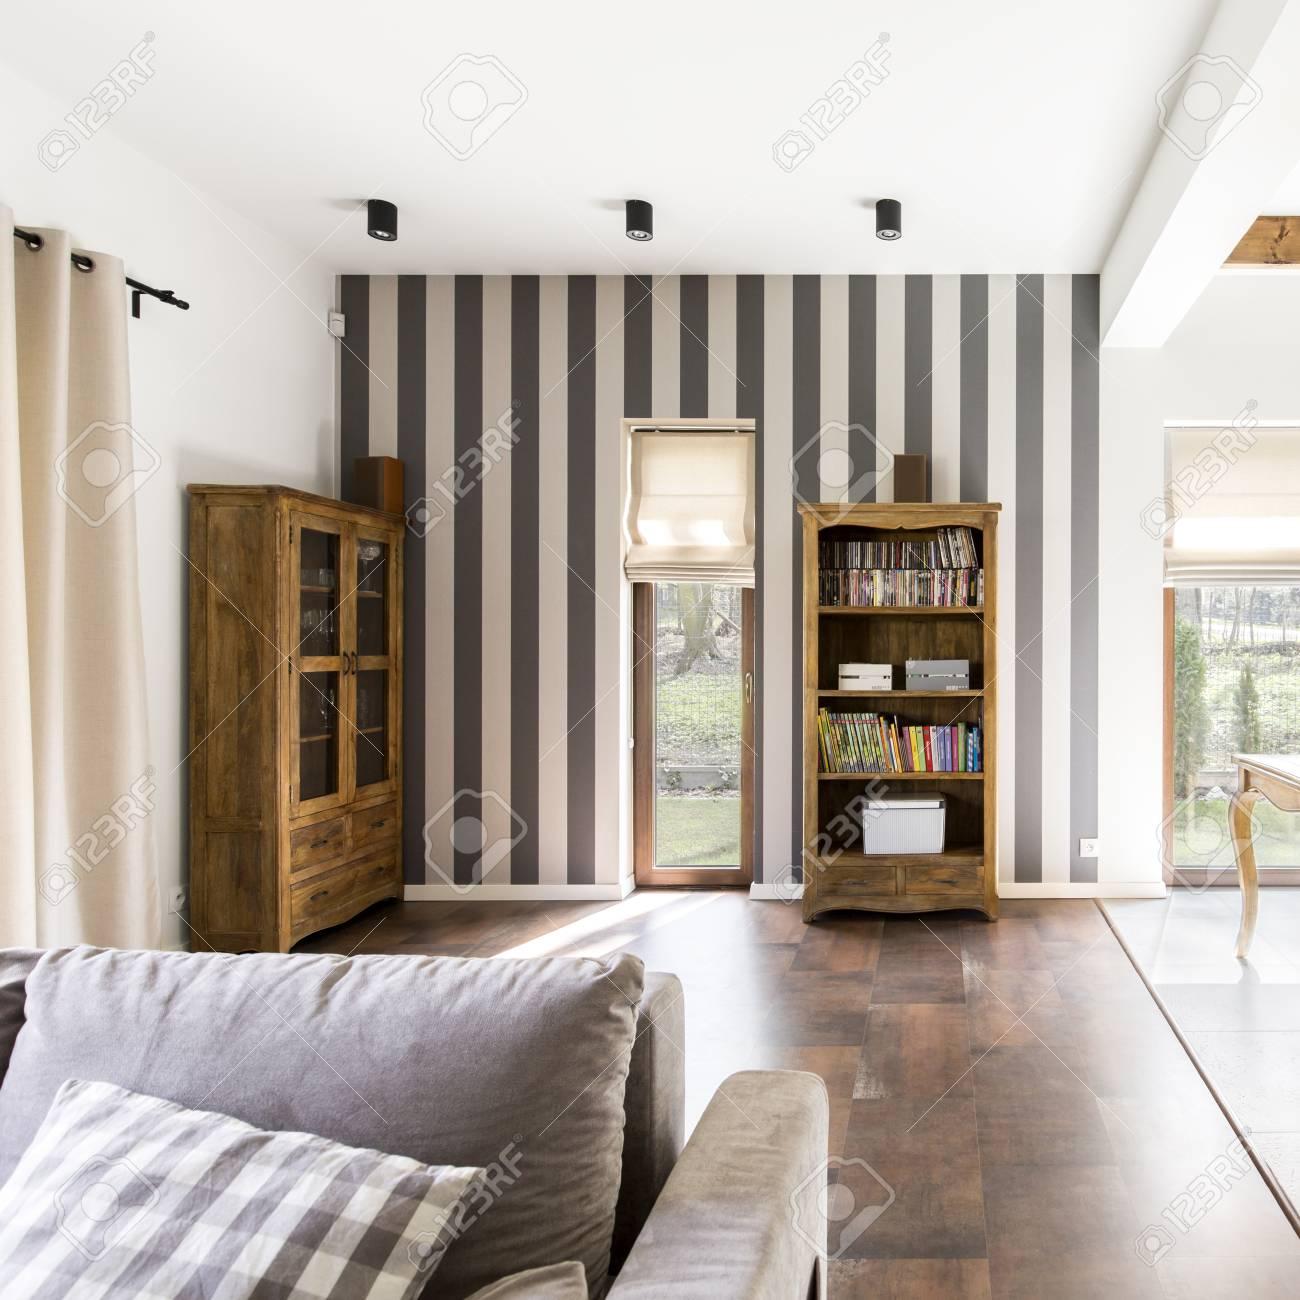 Stilvolle Gemutliche Wohnlandschaft Mit Gestreifter Tapete Sofa Und